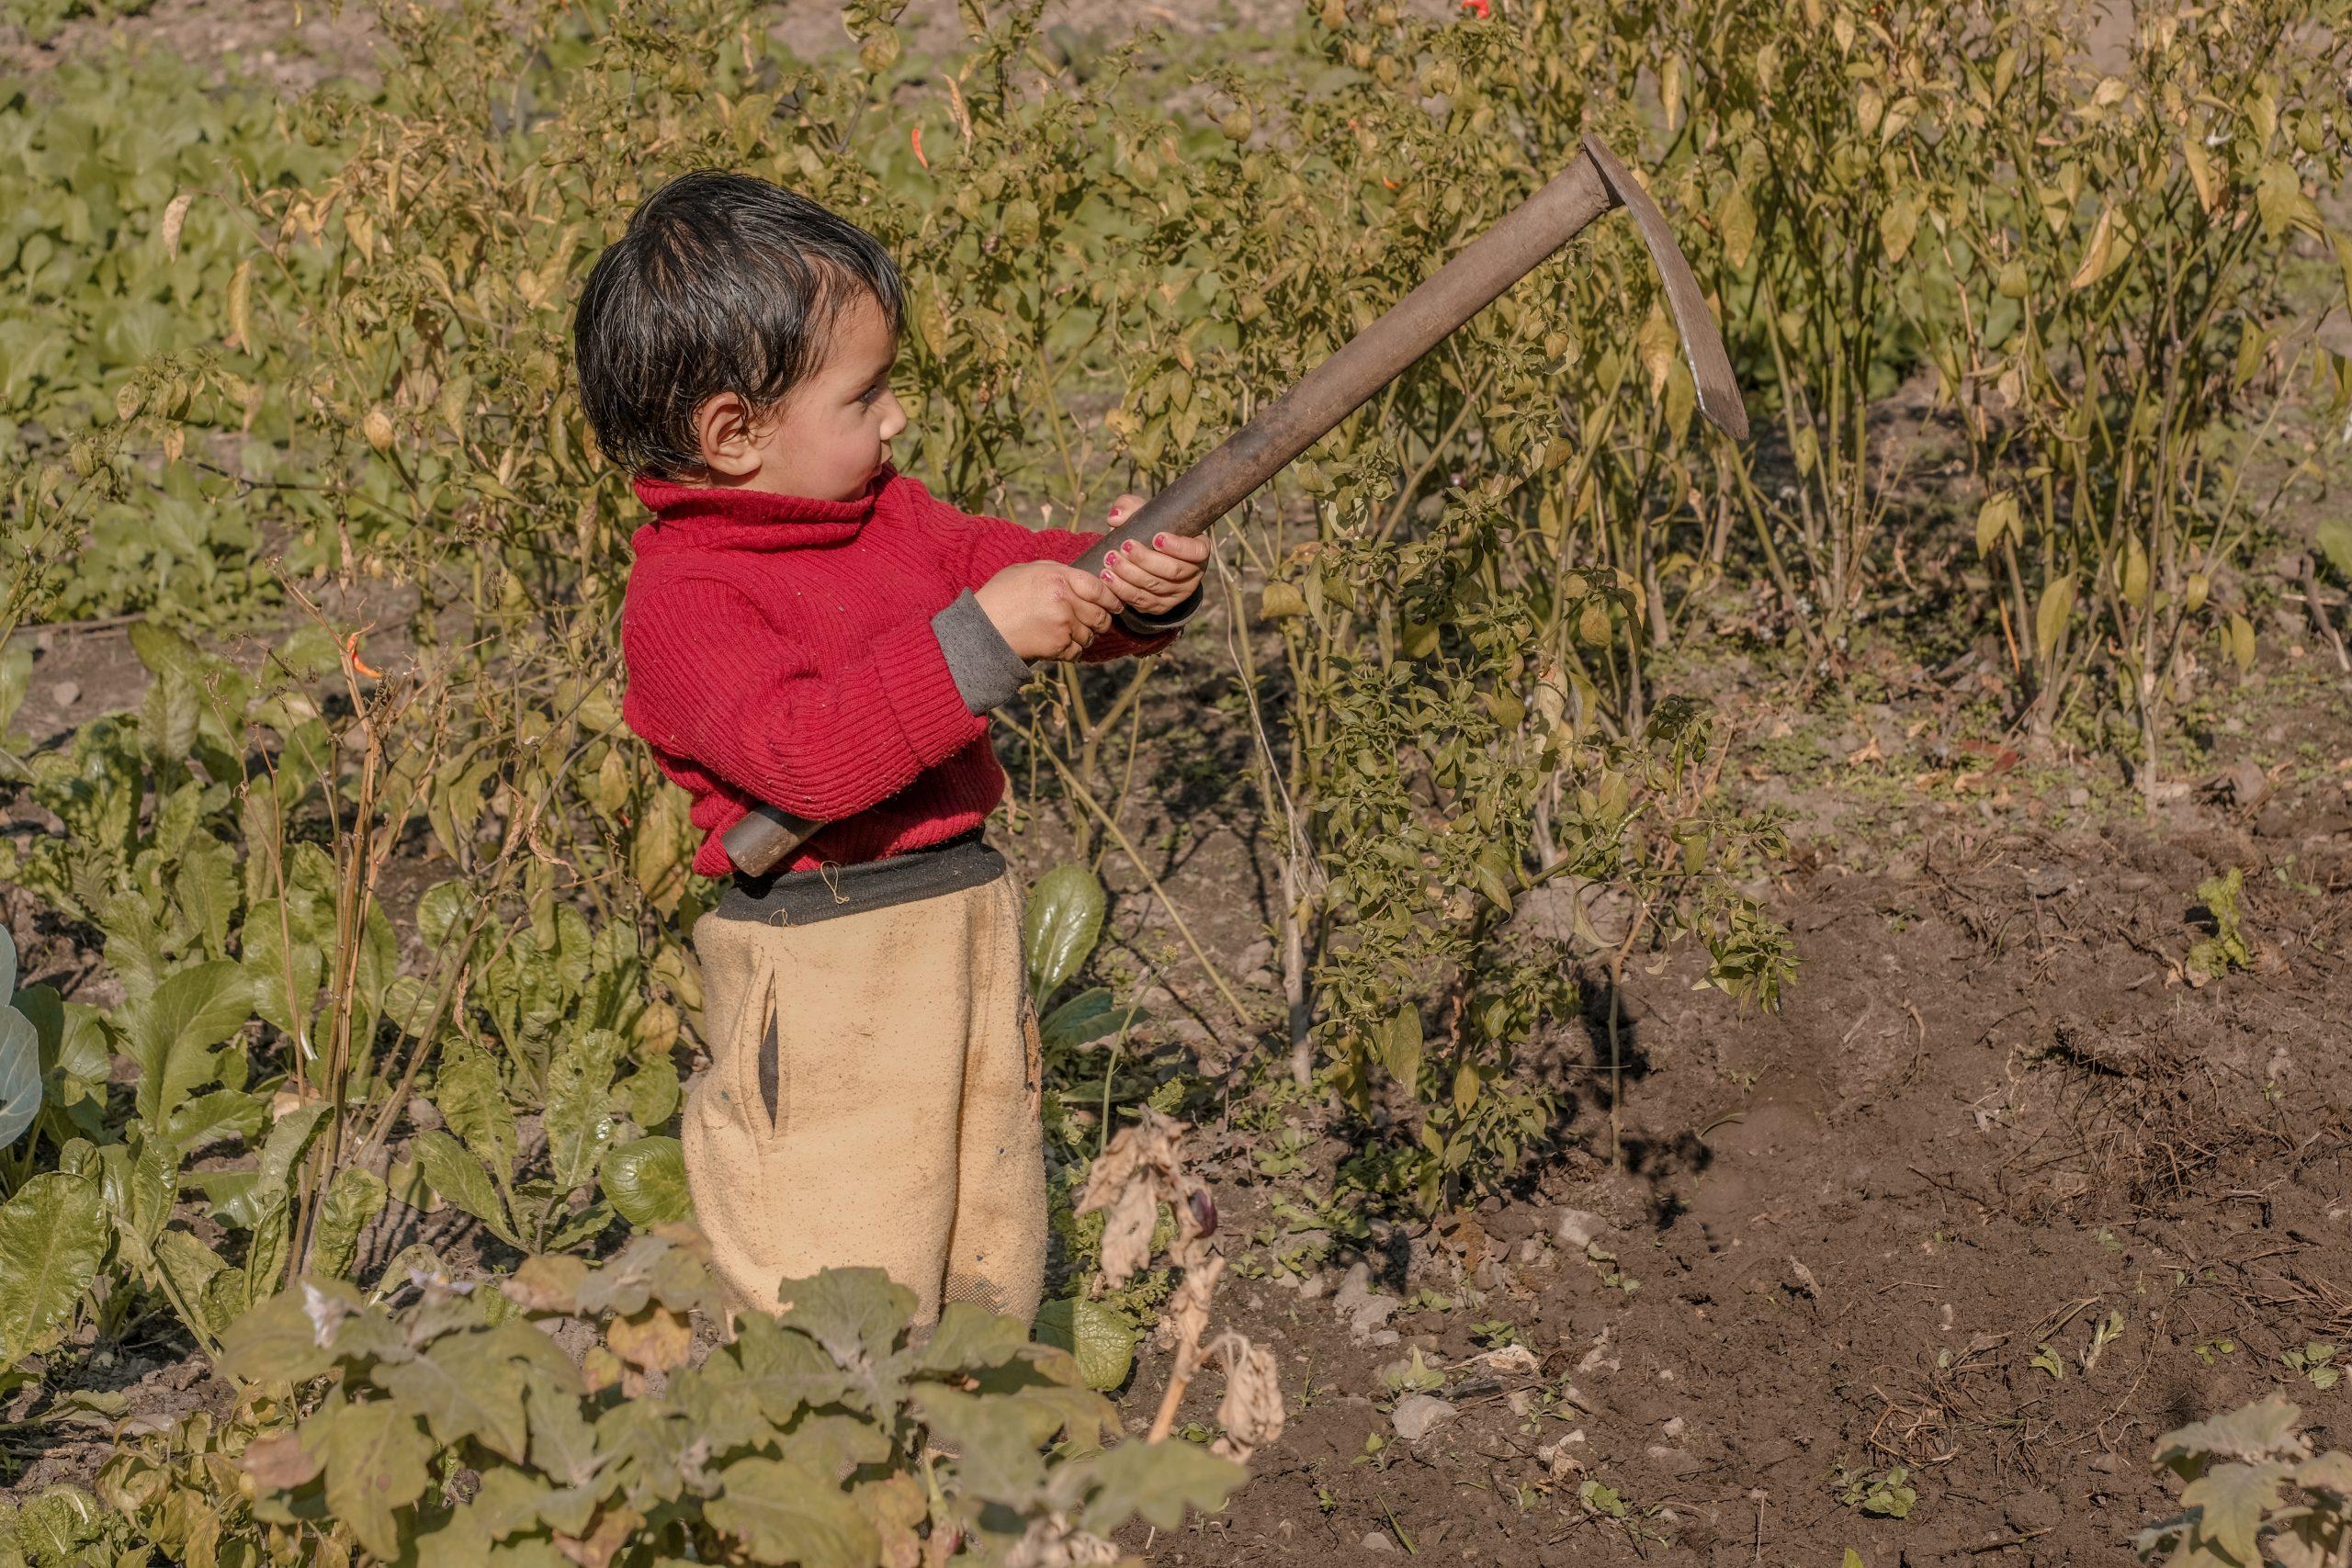 A baby farmer